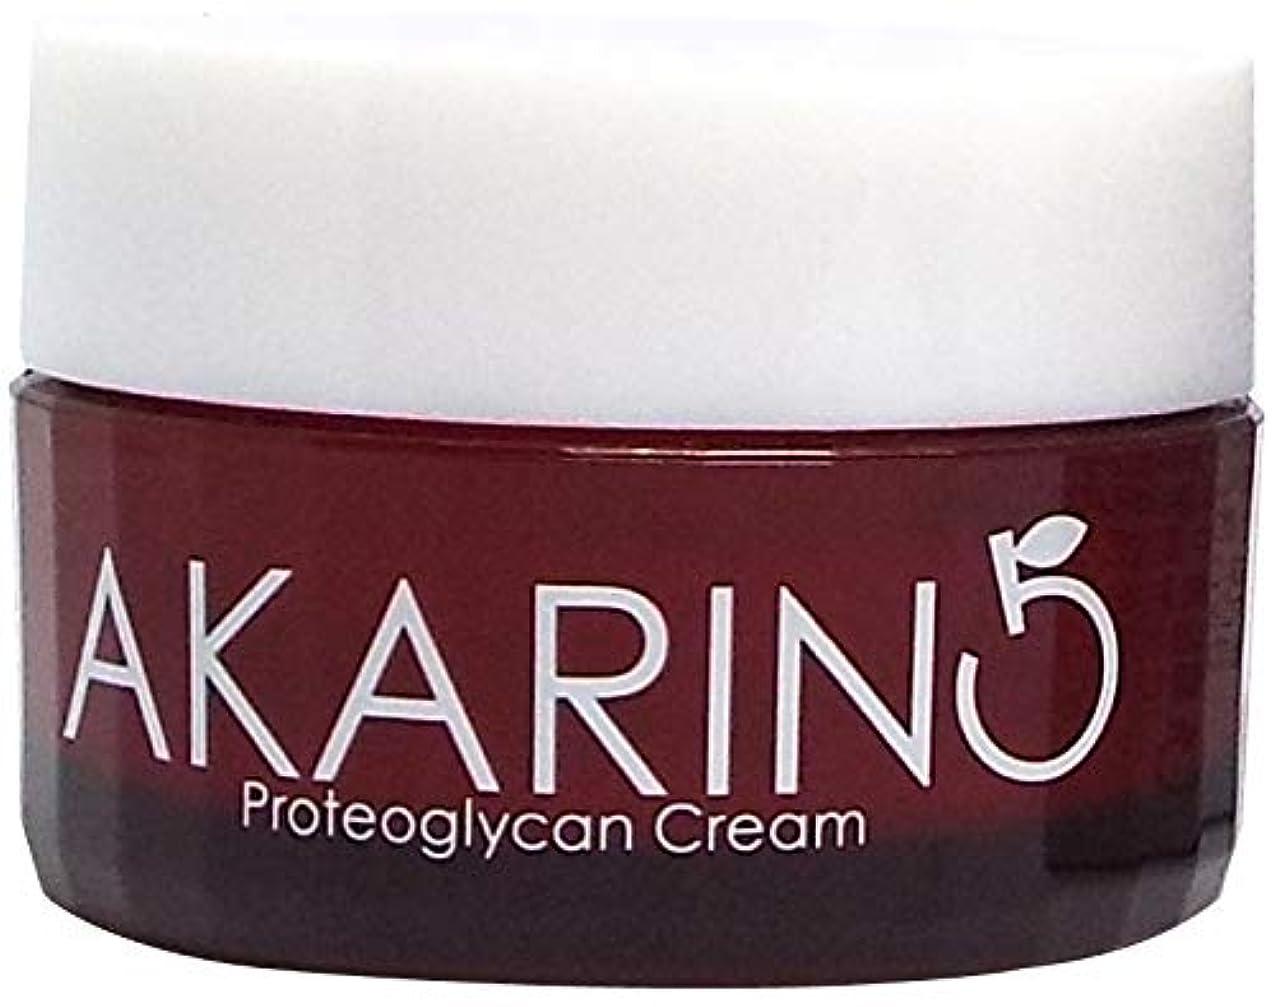 シロナガスクジラ死にかけている文化プロテオグリカン配合フェイスクリーム 30g AKARIN5